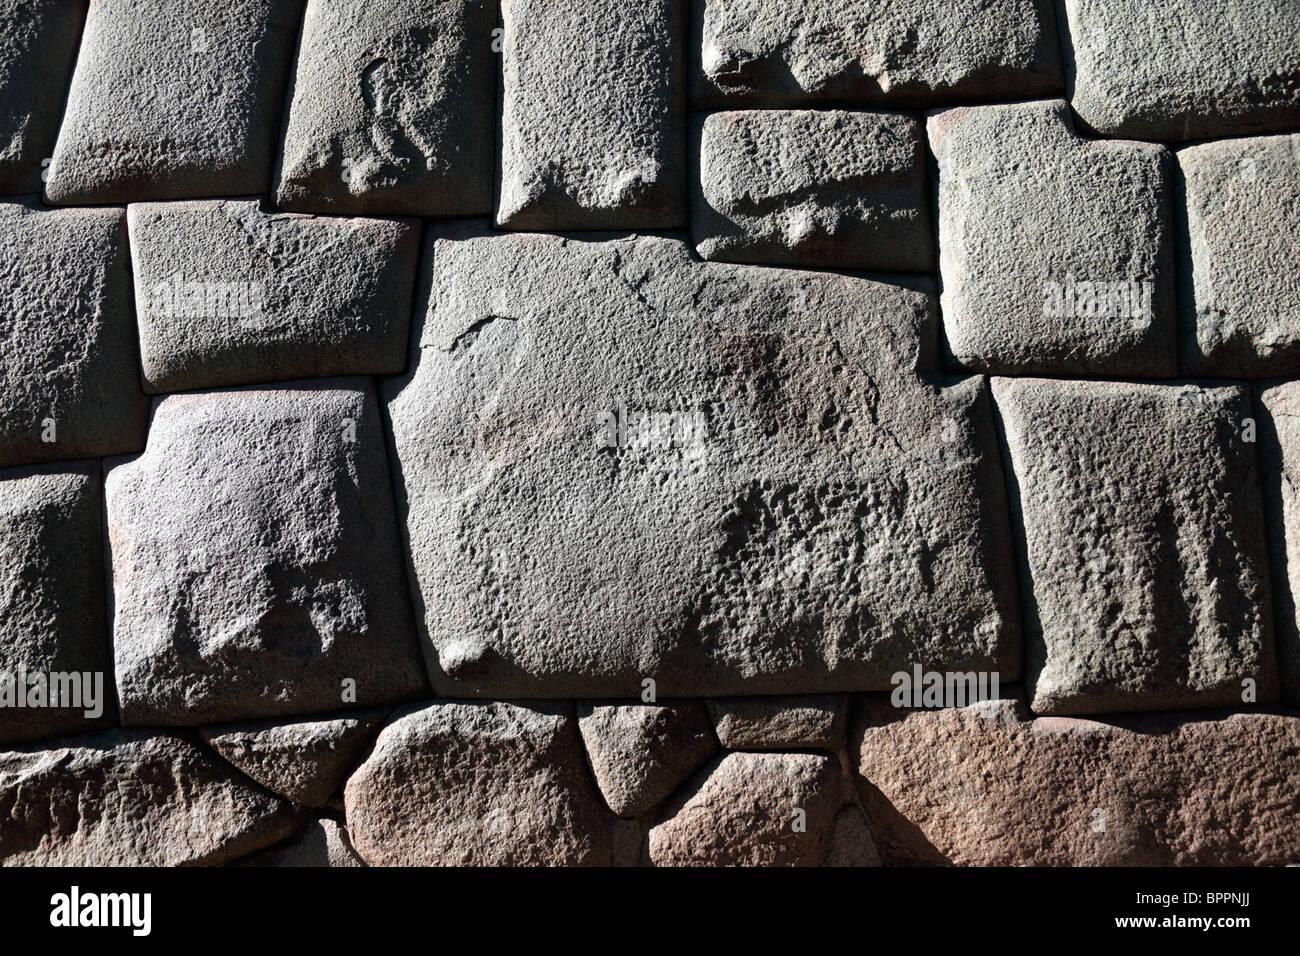 Le célèbre 12 pierre coincé dans un mur Inca dans la rue Hatunrumiyoc, Cusco, Pérou Banque D'Images